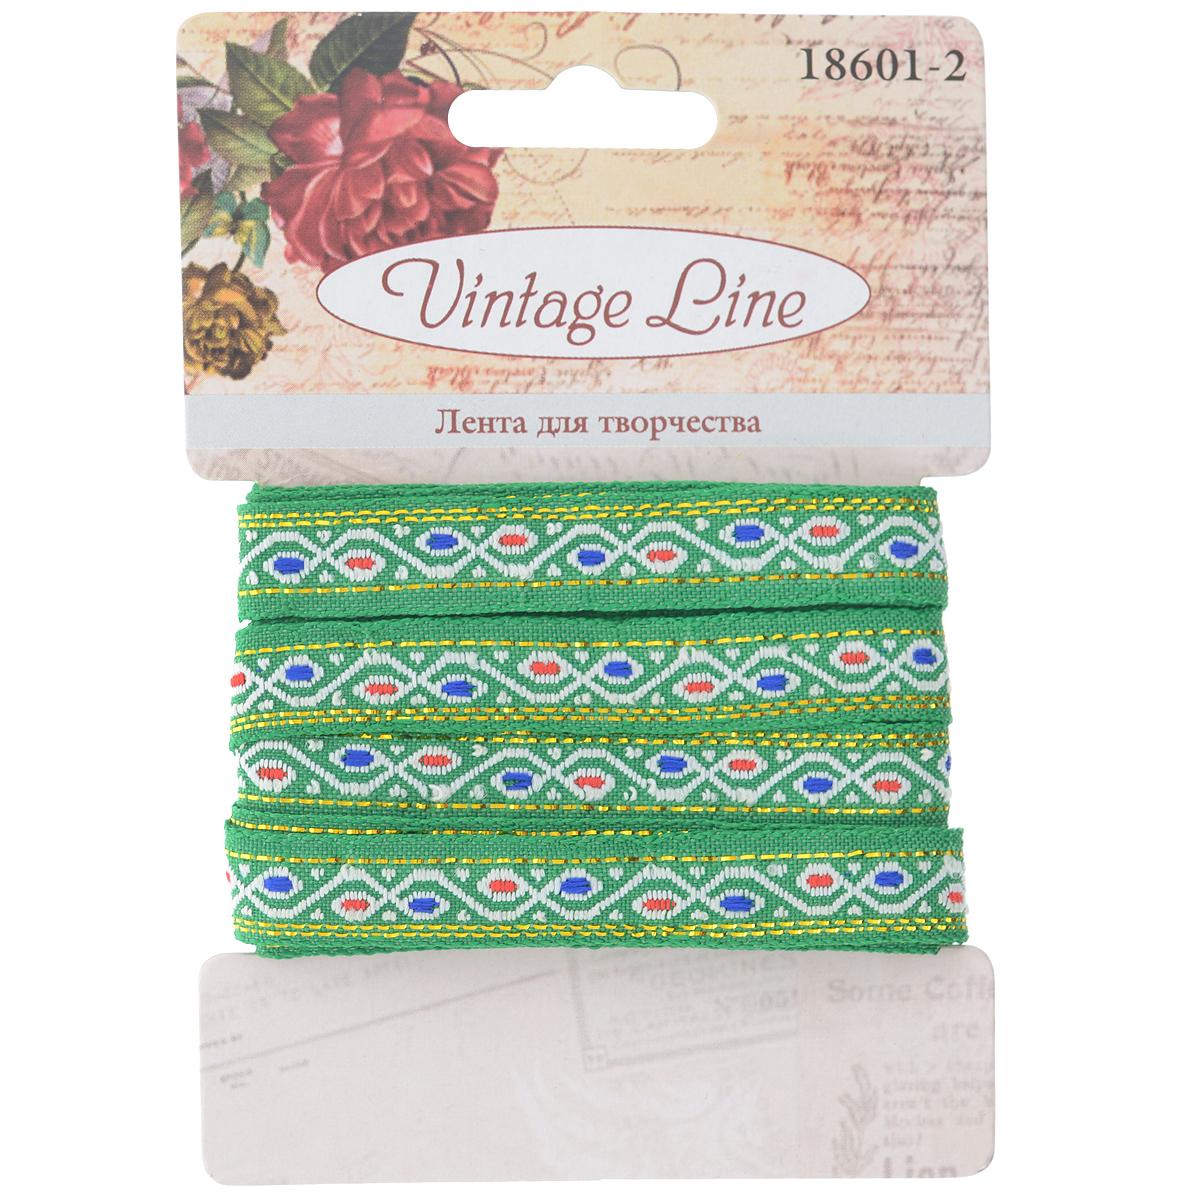 Лента декоративная Vintage Line, цвет: зеленый, 1 х 200 см7709650Декоративная лента Vintage Line выполнена из текстиля и оформлена оригинальным узором. Такая лента идеально подойдет для оформления различных творческих работ таких, как скрапбукинг, аппликация, декор коробок и открыток и многое другое.Лента наивысшего качества практична в использовании. Она станет незаменимым элементом в создании рукотворного шедевра. Ширина: 1 см.Длина: 2 м.